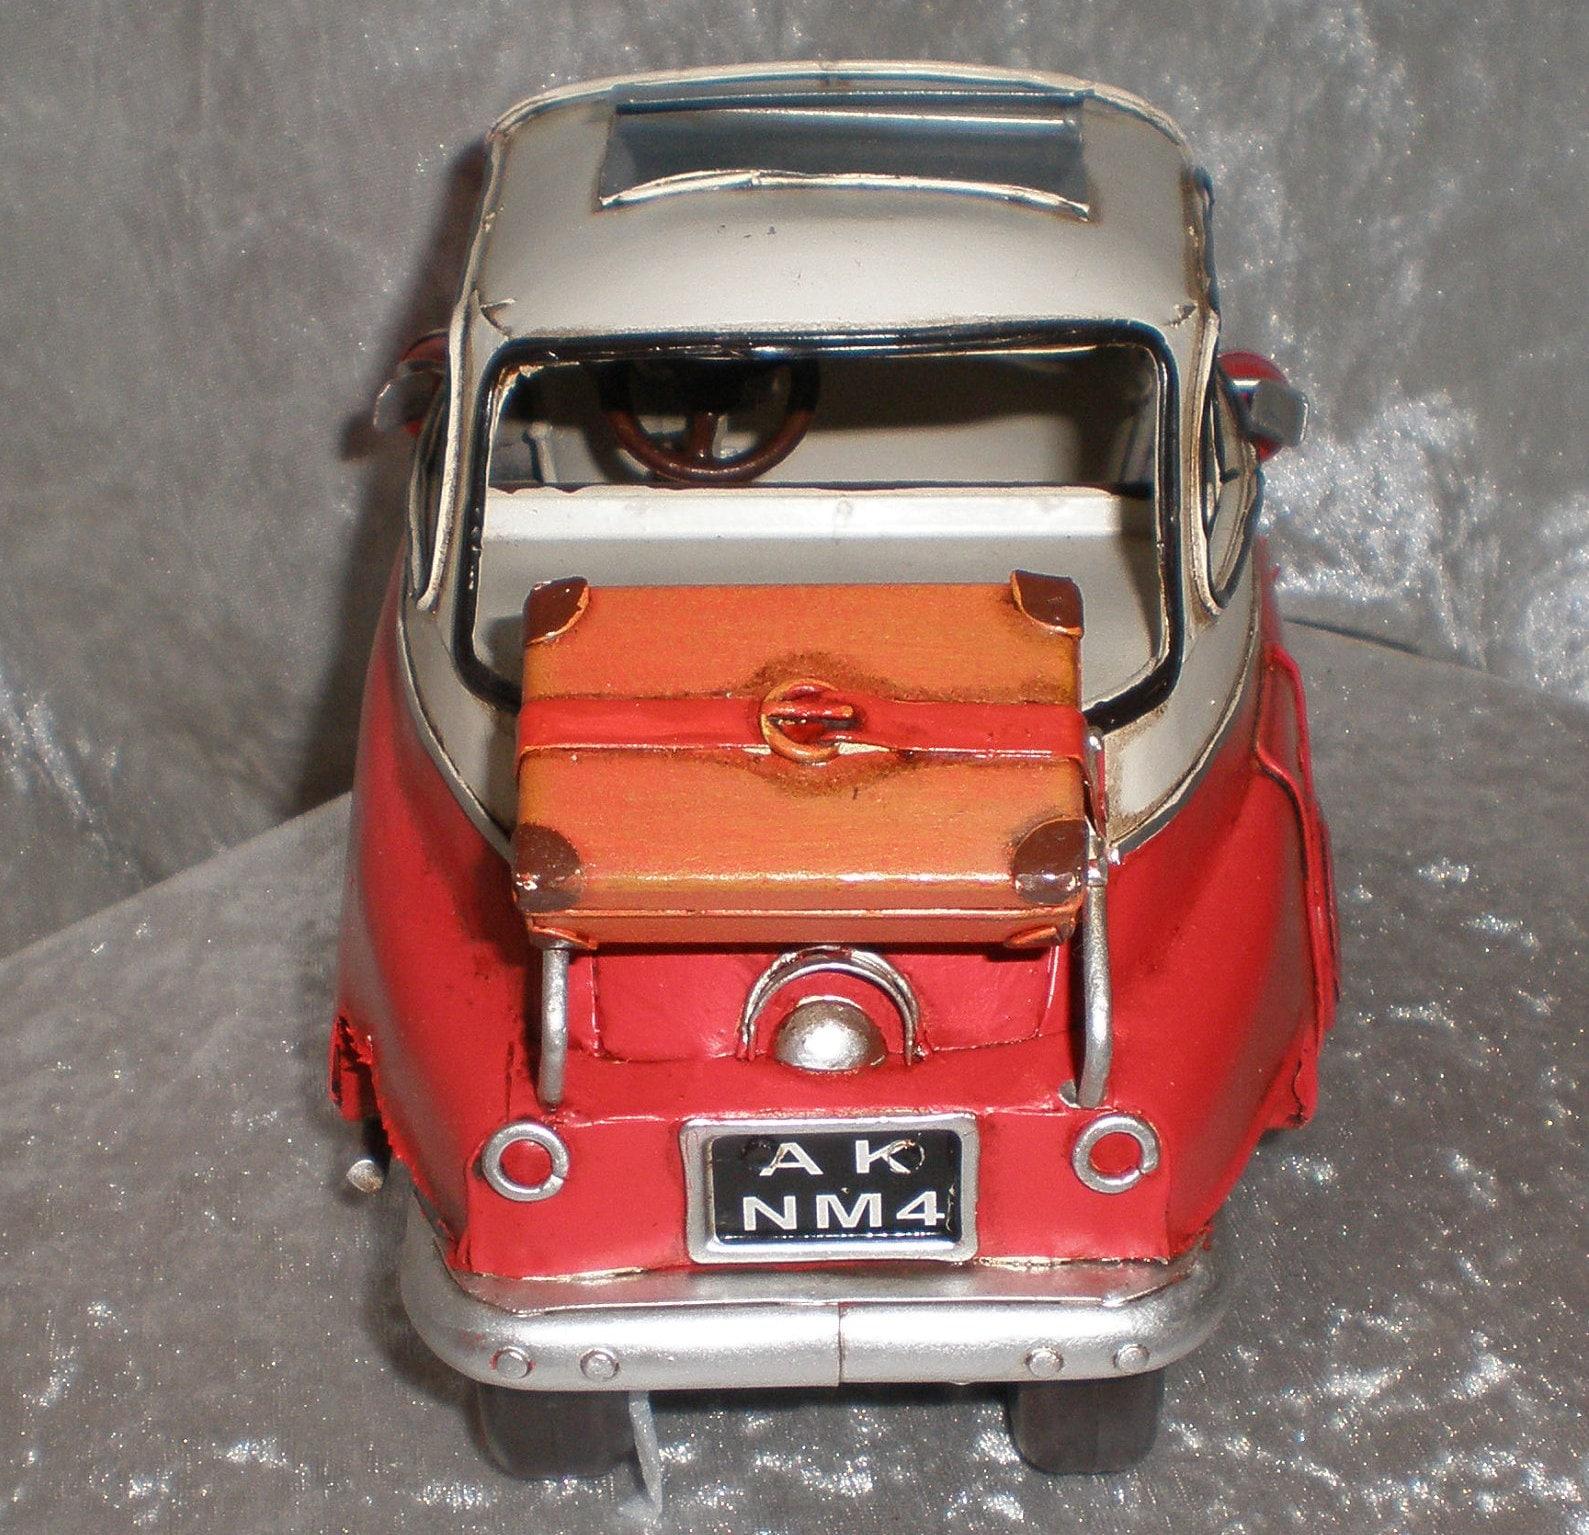 Isetta BMW Metall aus dem Jahr 1954 Handarbeit 24cm lang ...